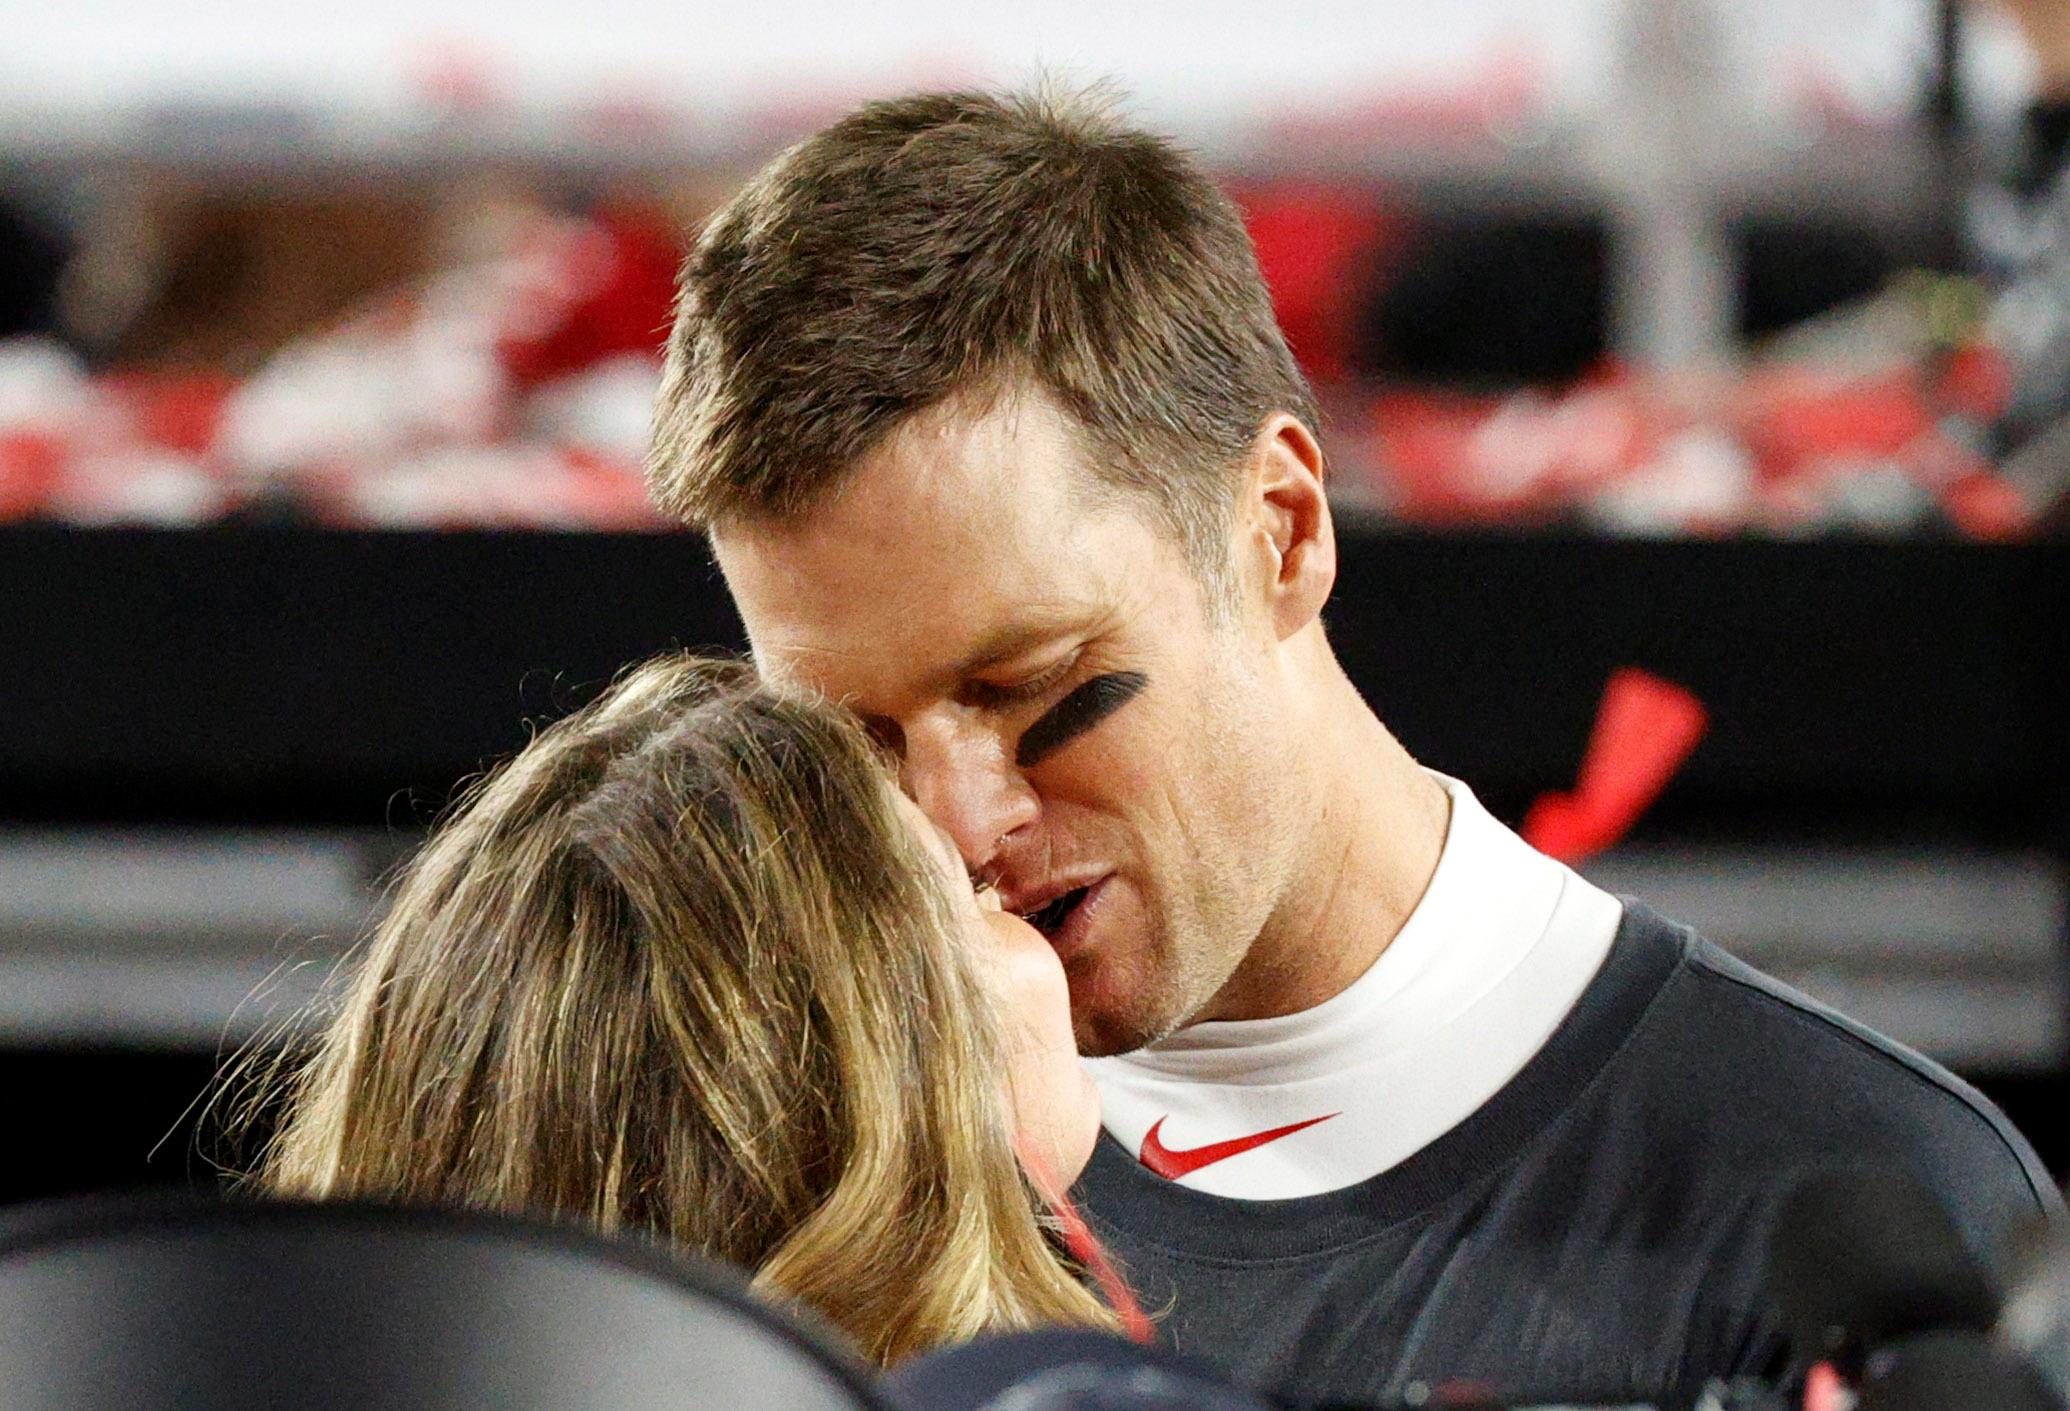 Το φιλί της Ζιζέλ στον Μπρέιντι «έκλεψε» την παράσταση στο Super Bowl (vid, pics)